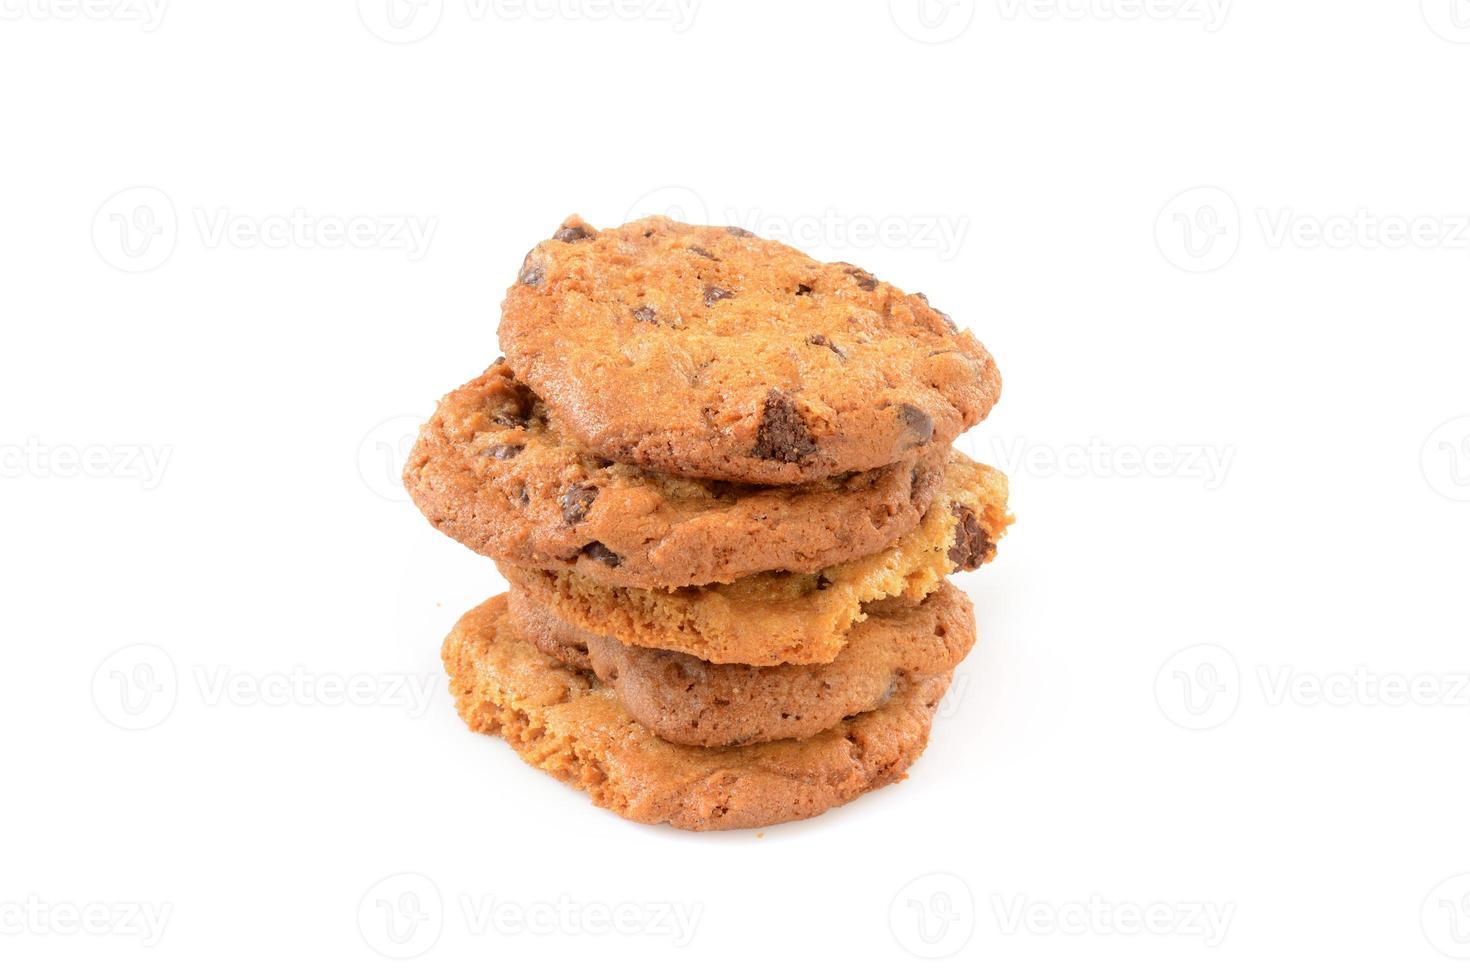 biscoitos caseiros foto